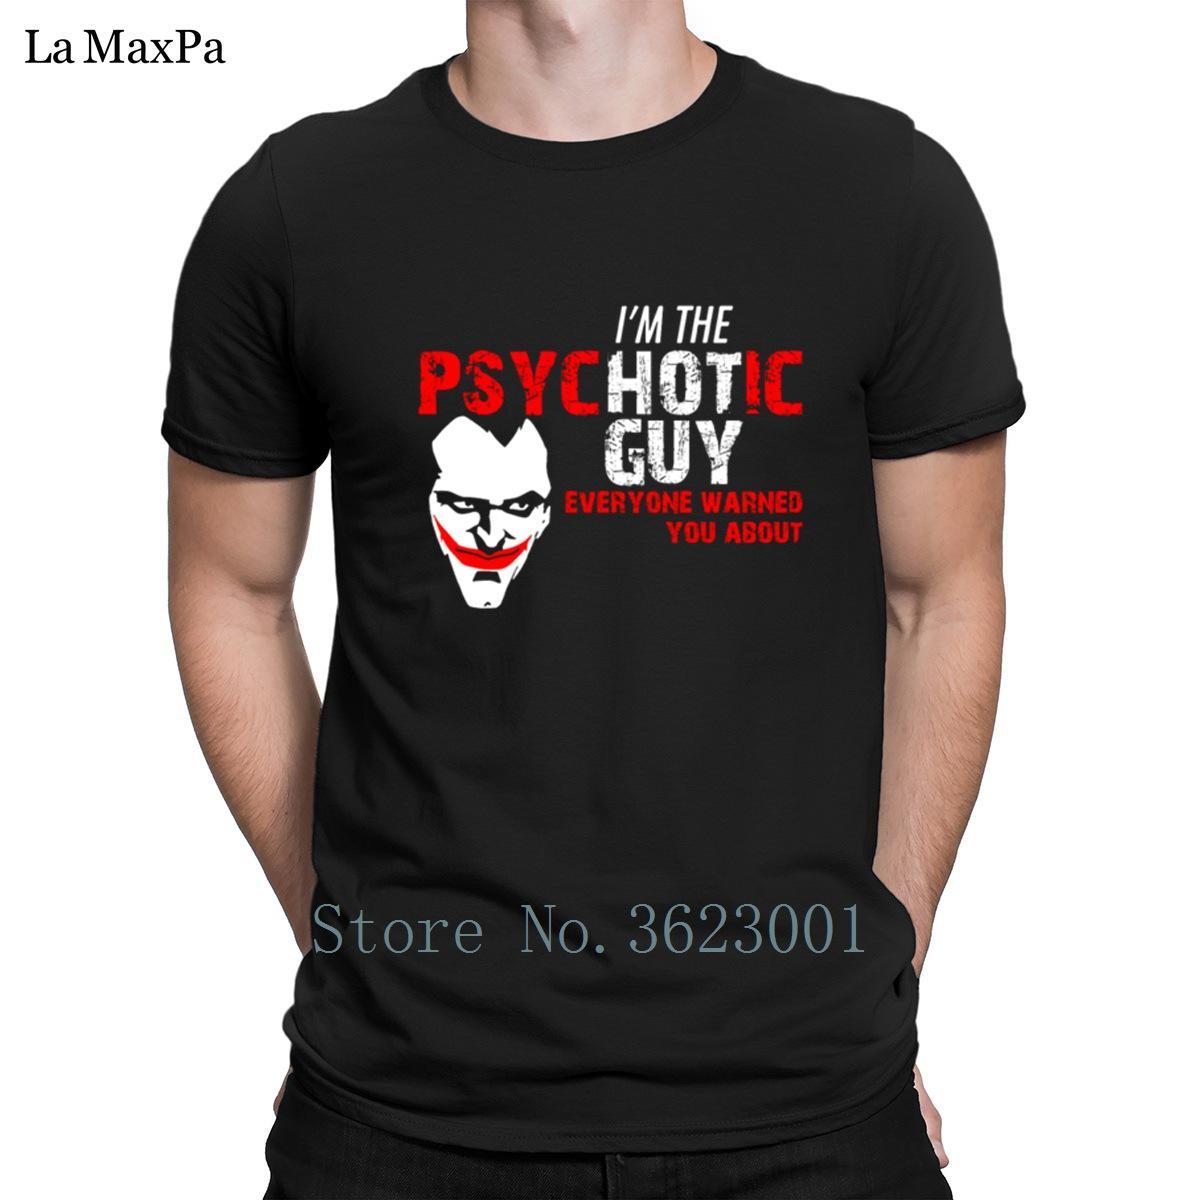 Erkekler 2018 Joker Adam Fan I Am Psikotik Guy Tişört Man Büyük Eğlence Tişört Yuvarlak Yaka Tee Gömlek Fit For Moda Normal Tişörtlü